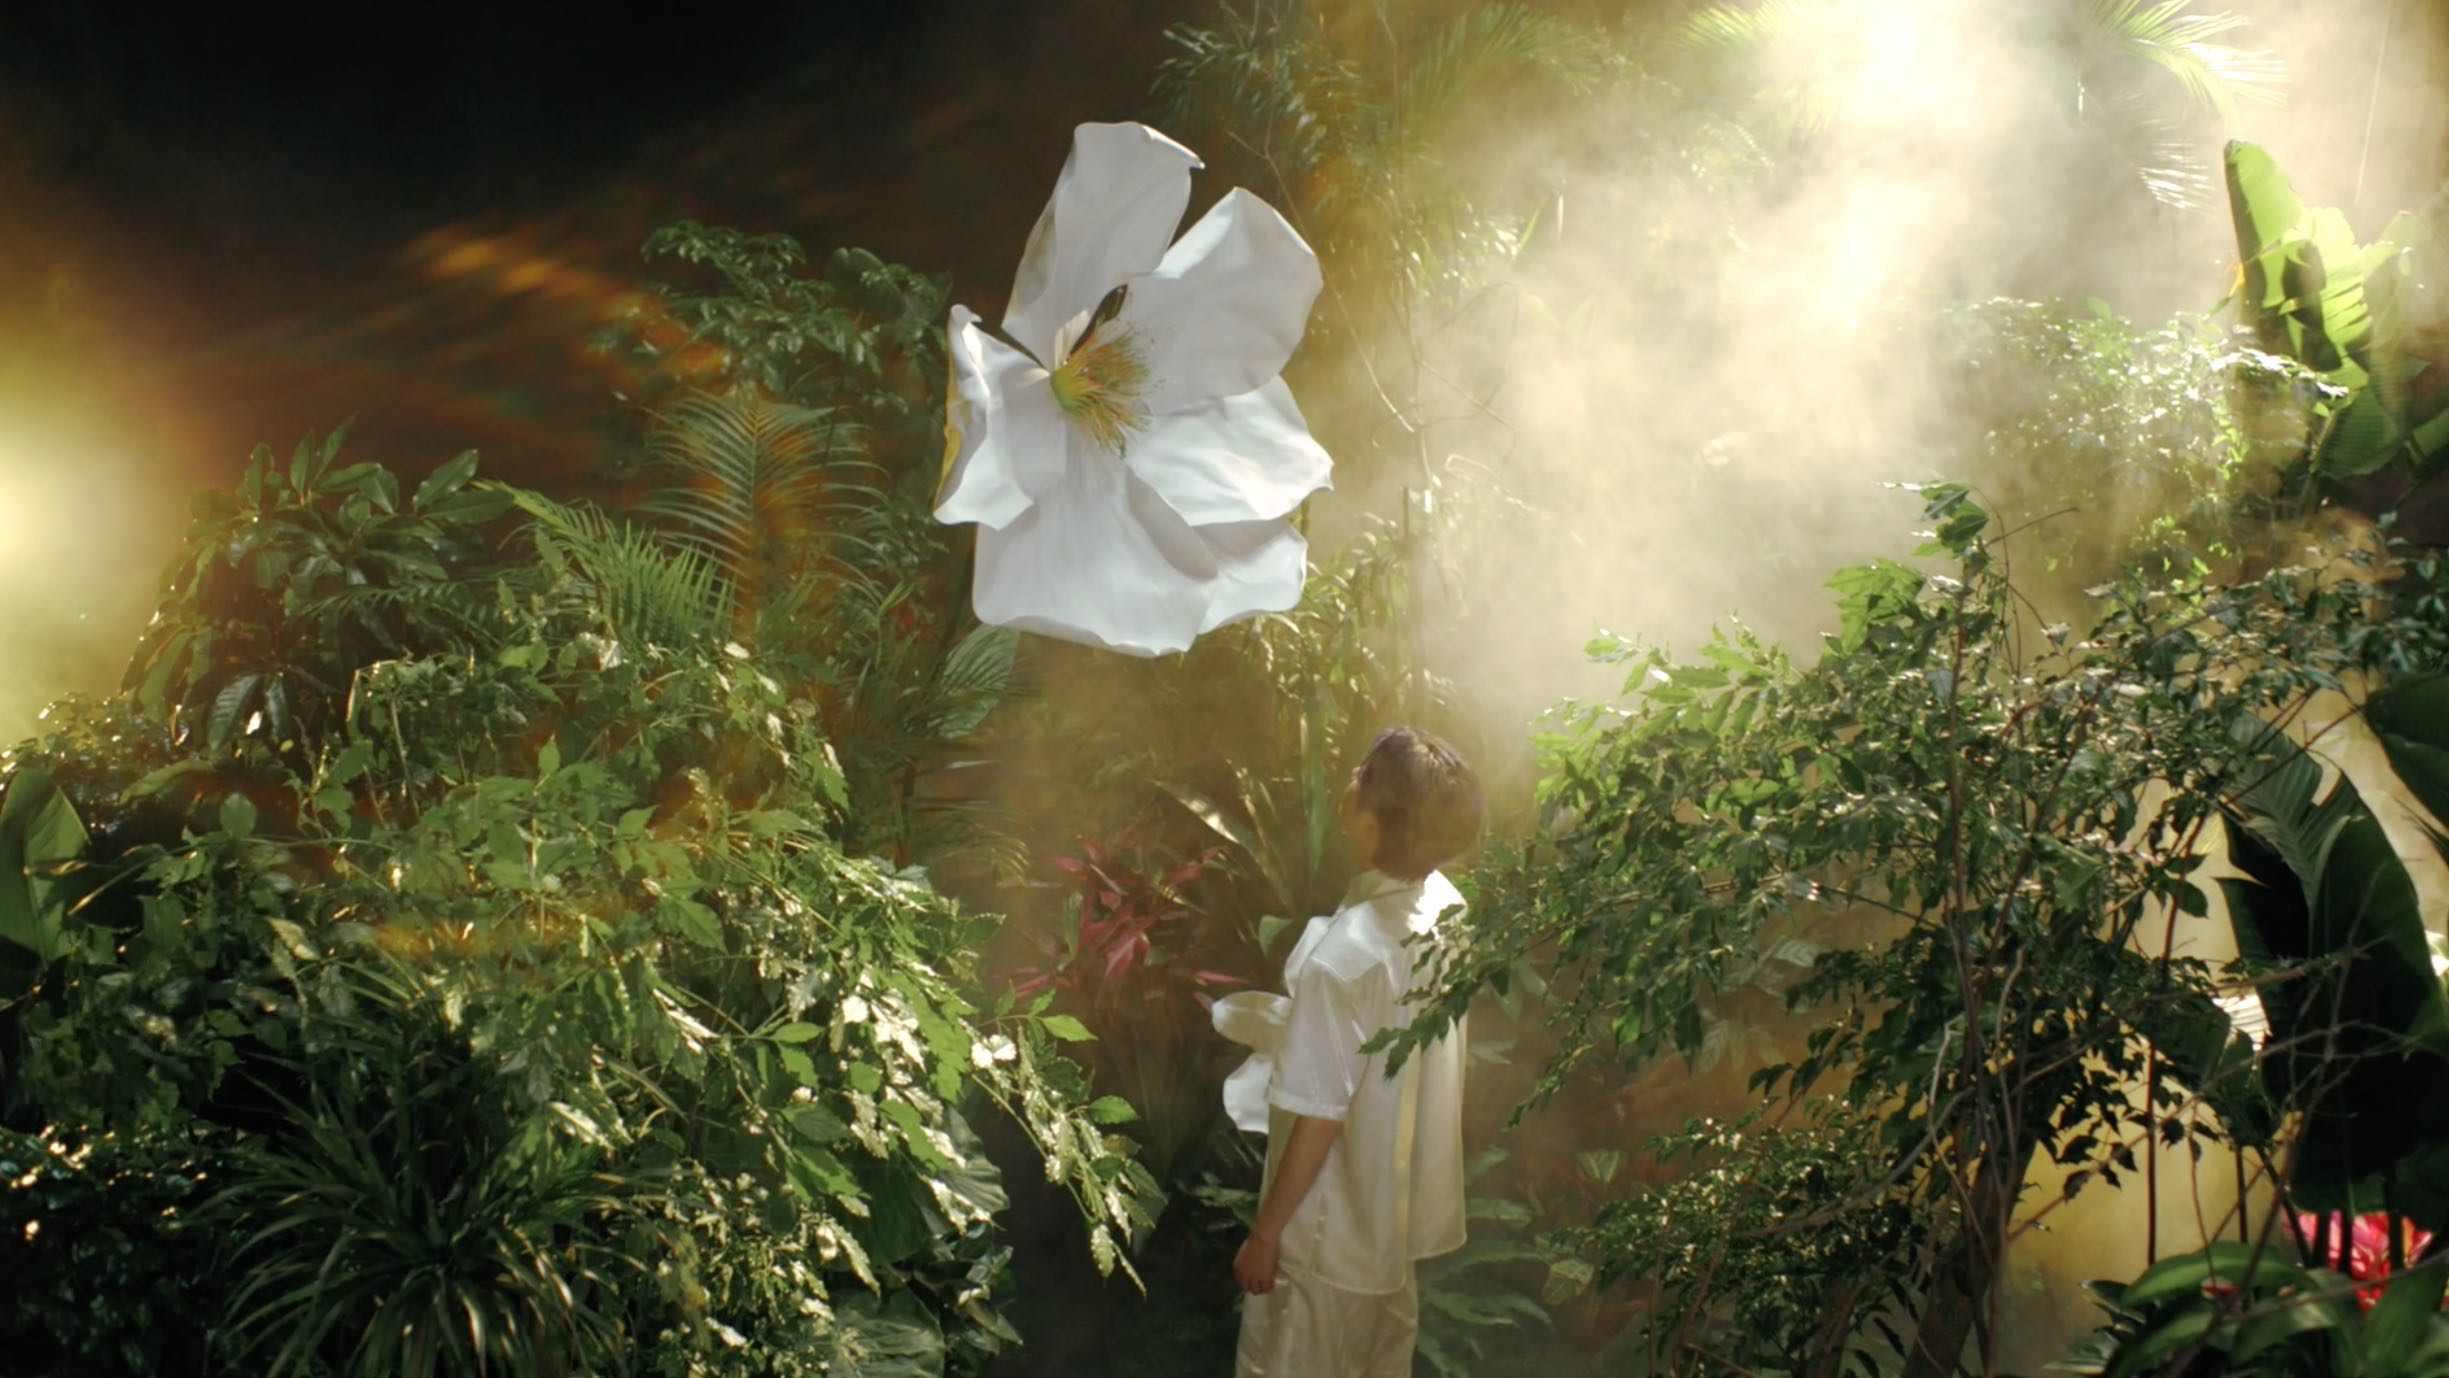 祖玛珑 × 奥斯卡 | 花开限量系列新香「仙谷绿」